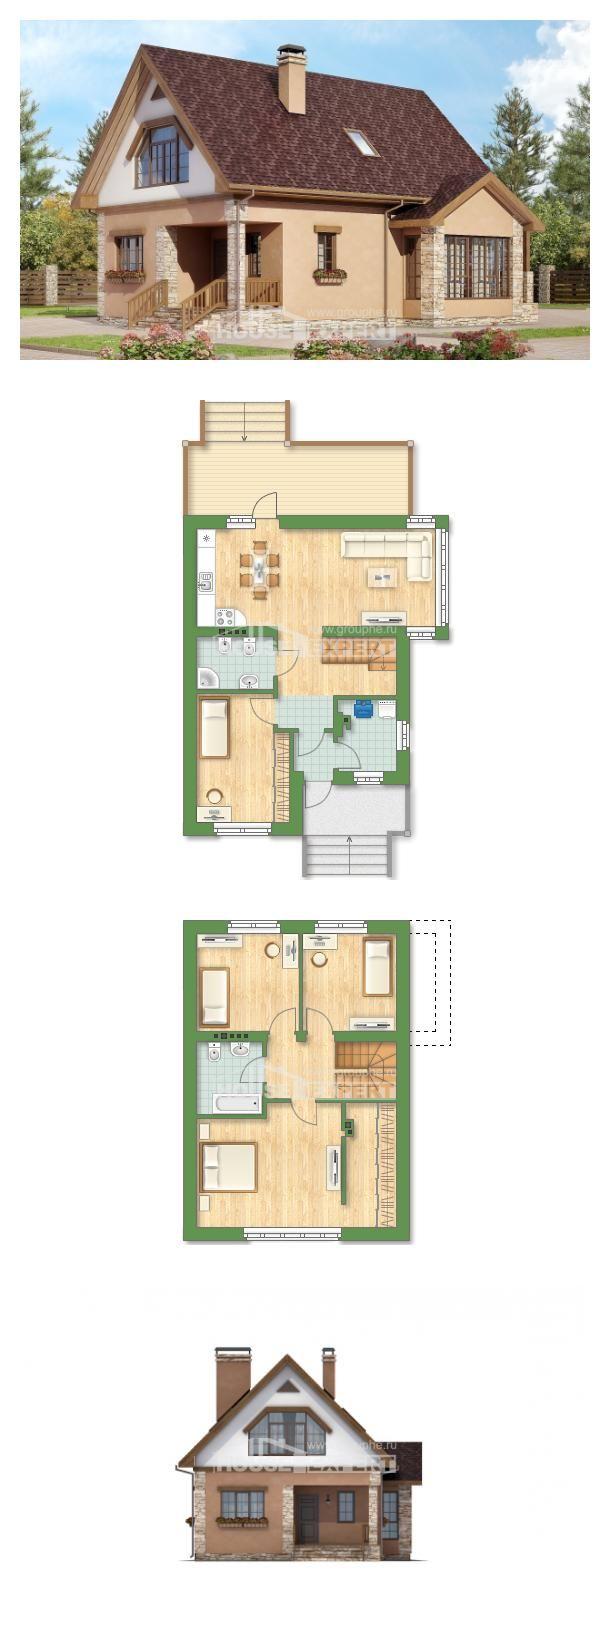 140 002 House Expert 569